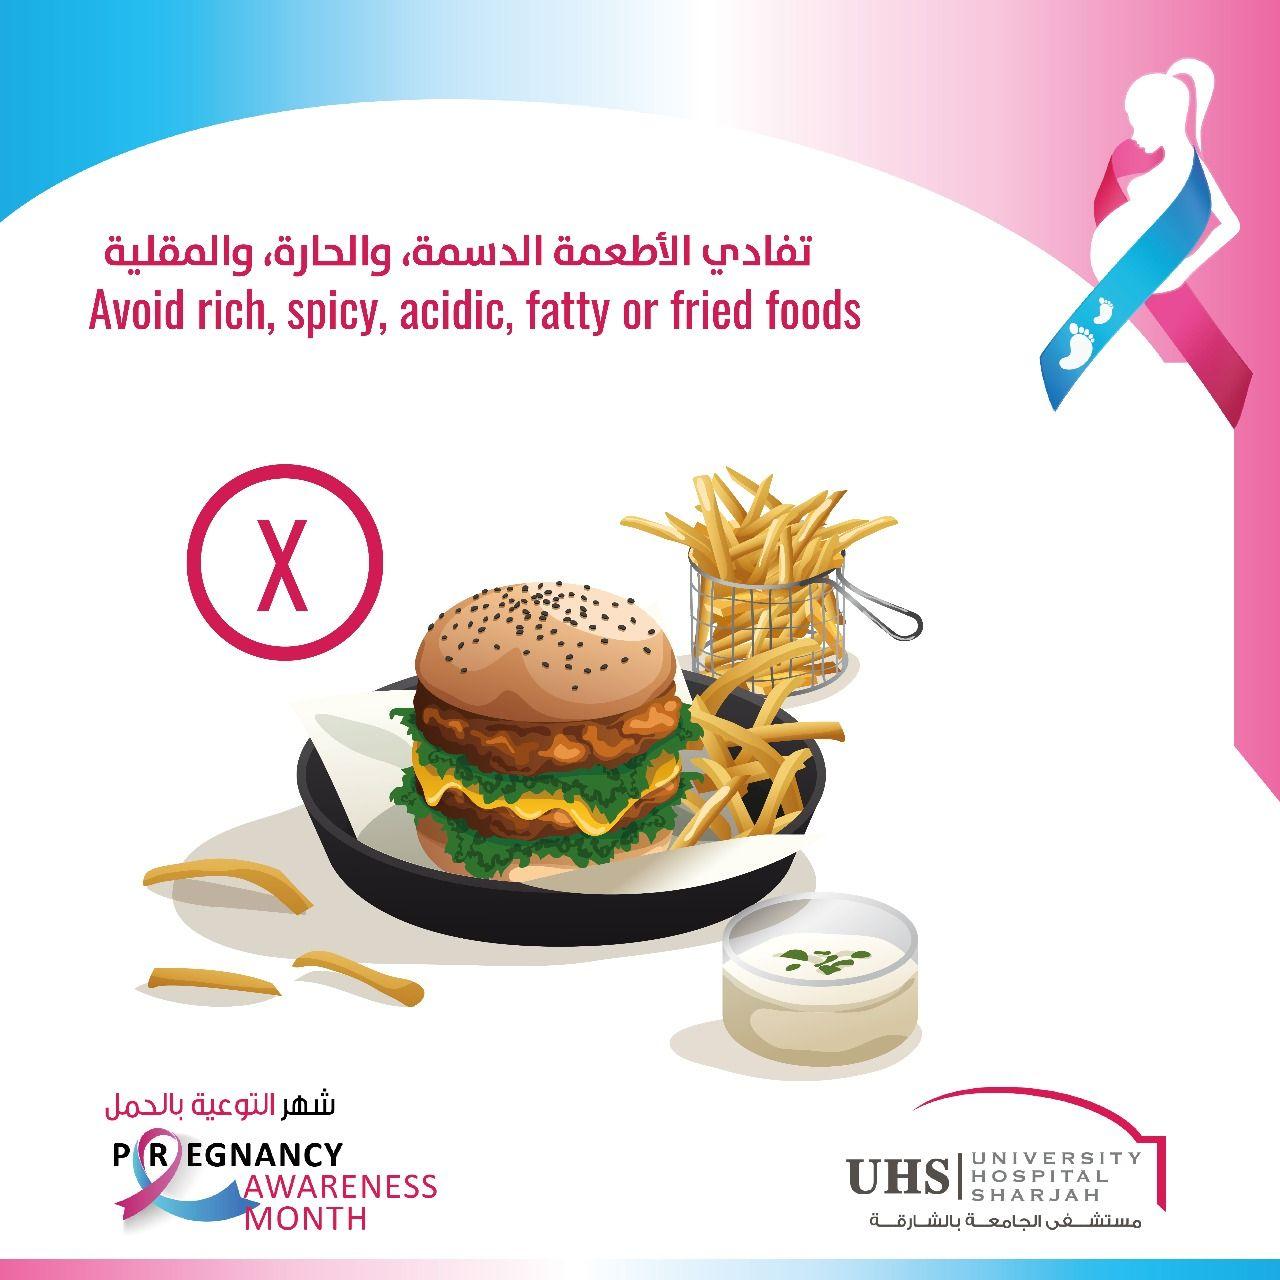 تفادي الأطعمة الدسمة والحارة والمقلية للتقليل من الشعور بالغثيان Try To Avoid Rich Spicy Acidic Fatty Or Fried Foods Awareness Month Fried Food Awareness